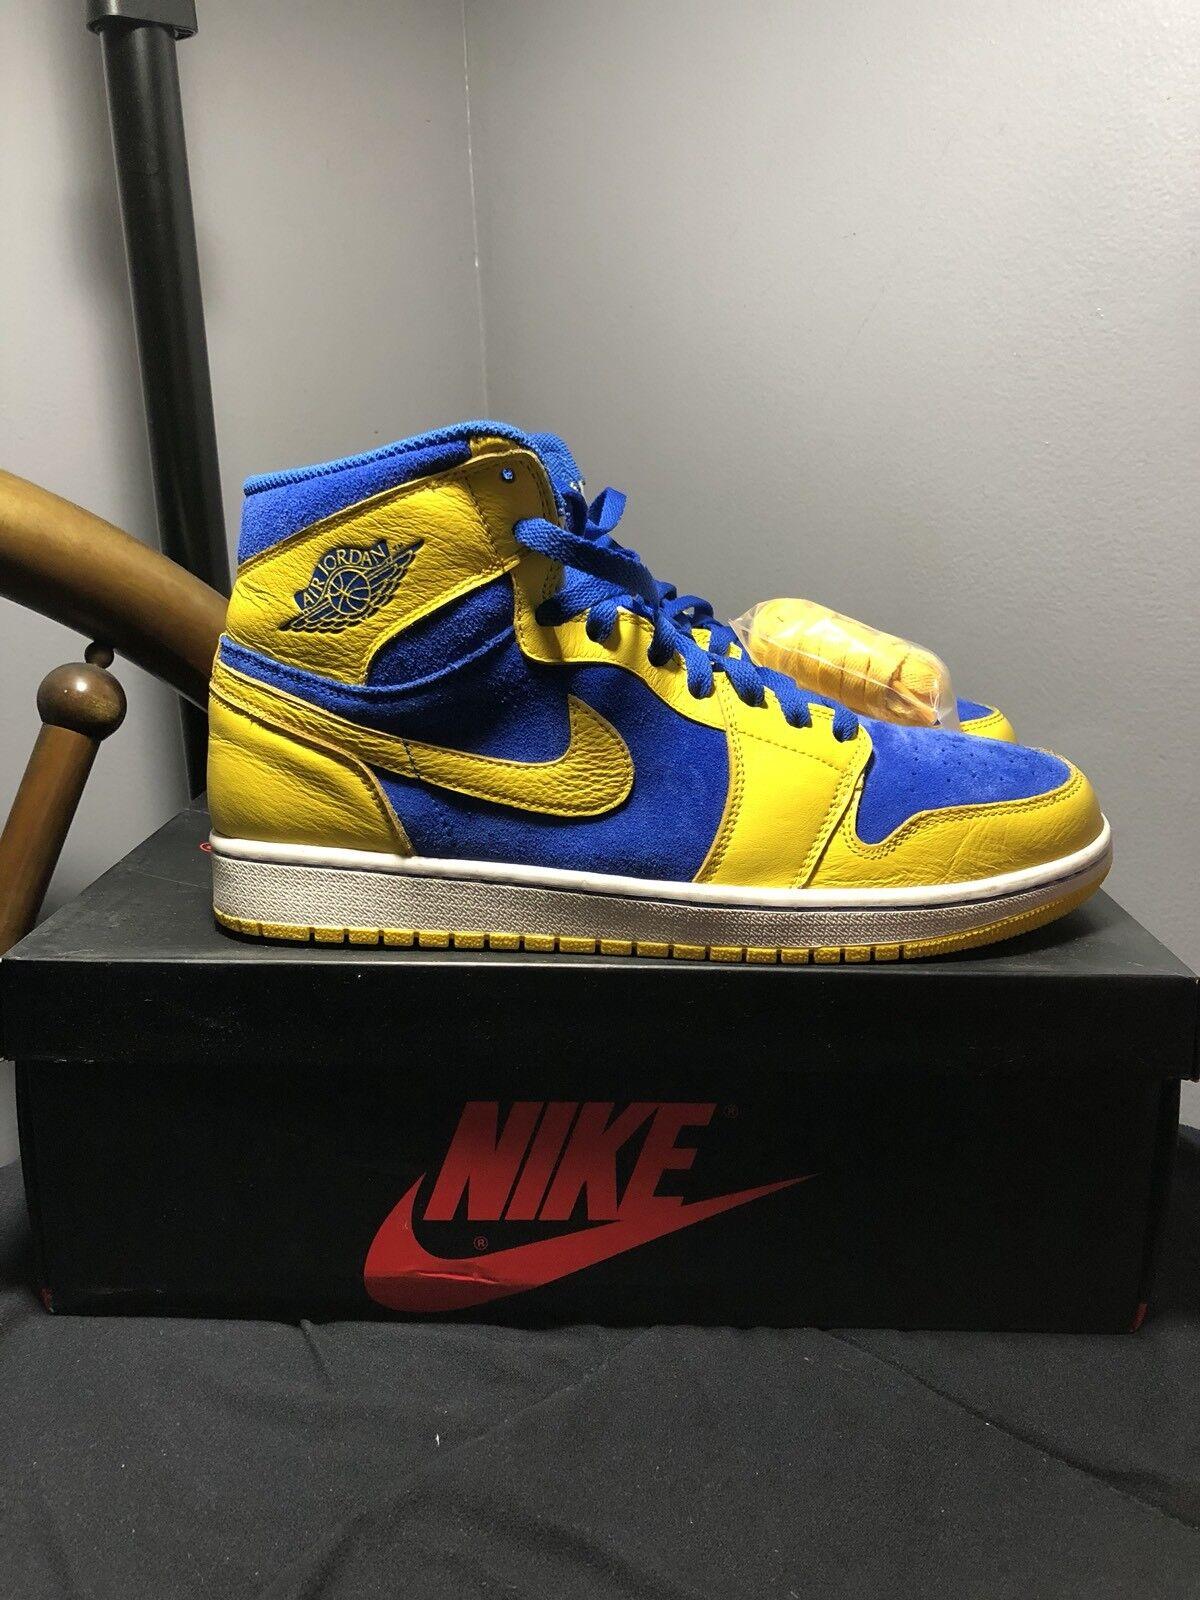 Air Jordan Jordan Jordan 1 Lanely Blau Gelb One c9df57